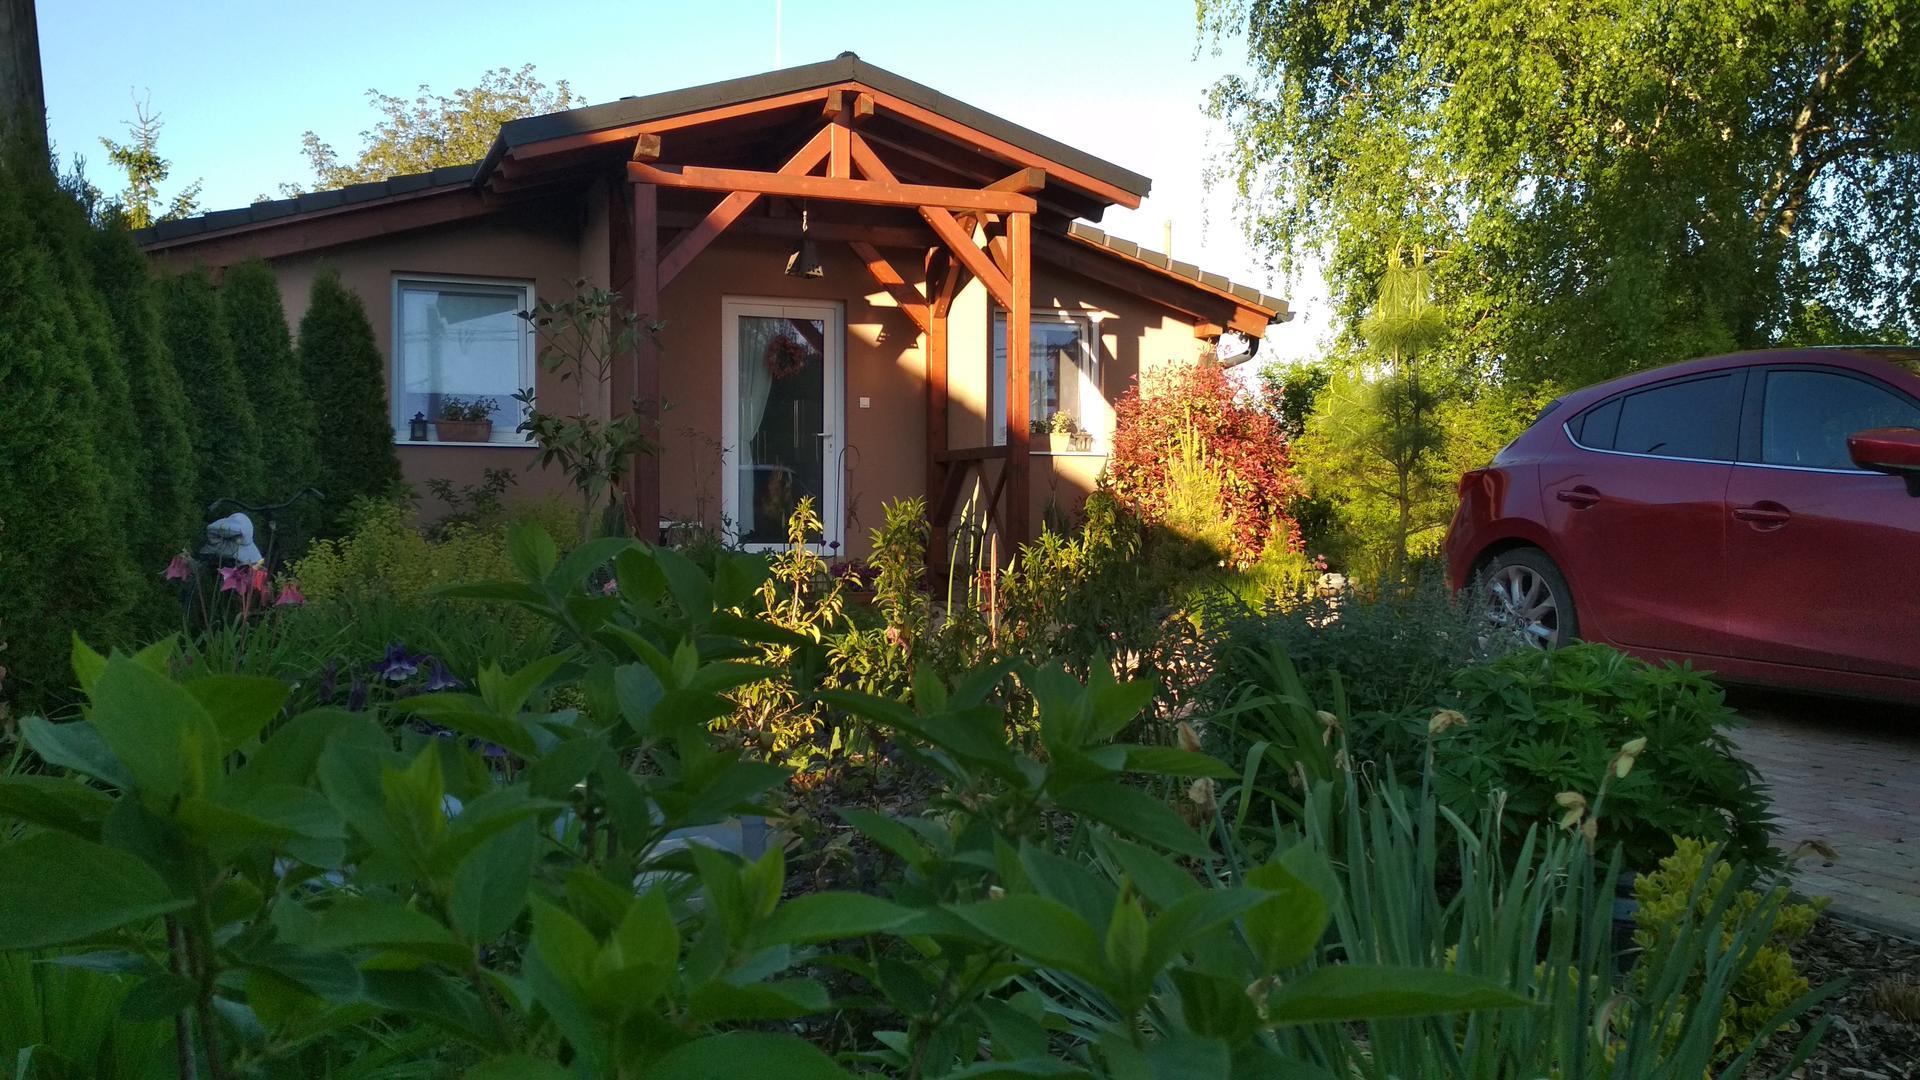 záhrada vidiecka, farebná rok 2021 - Obrázok č. 44